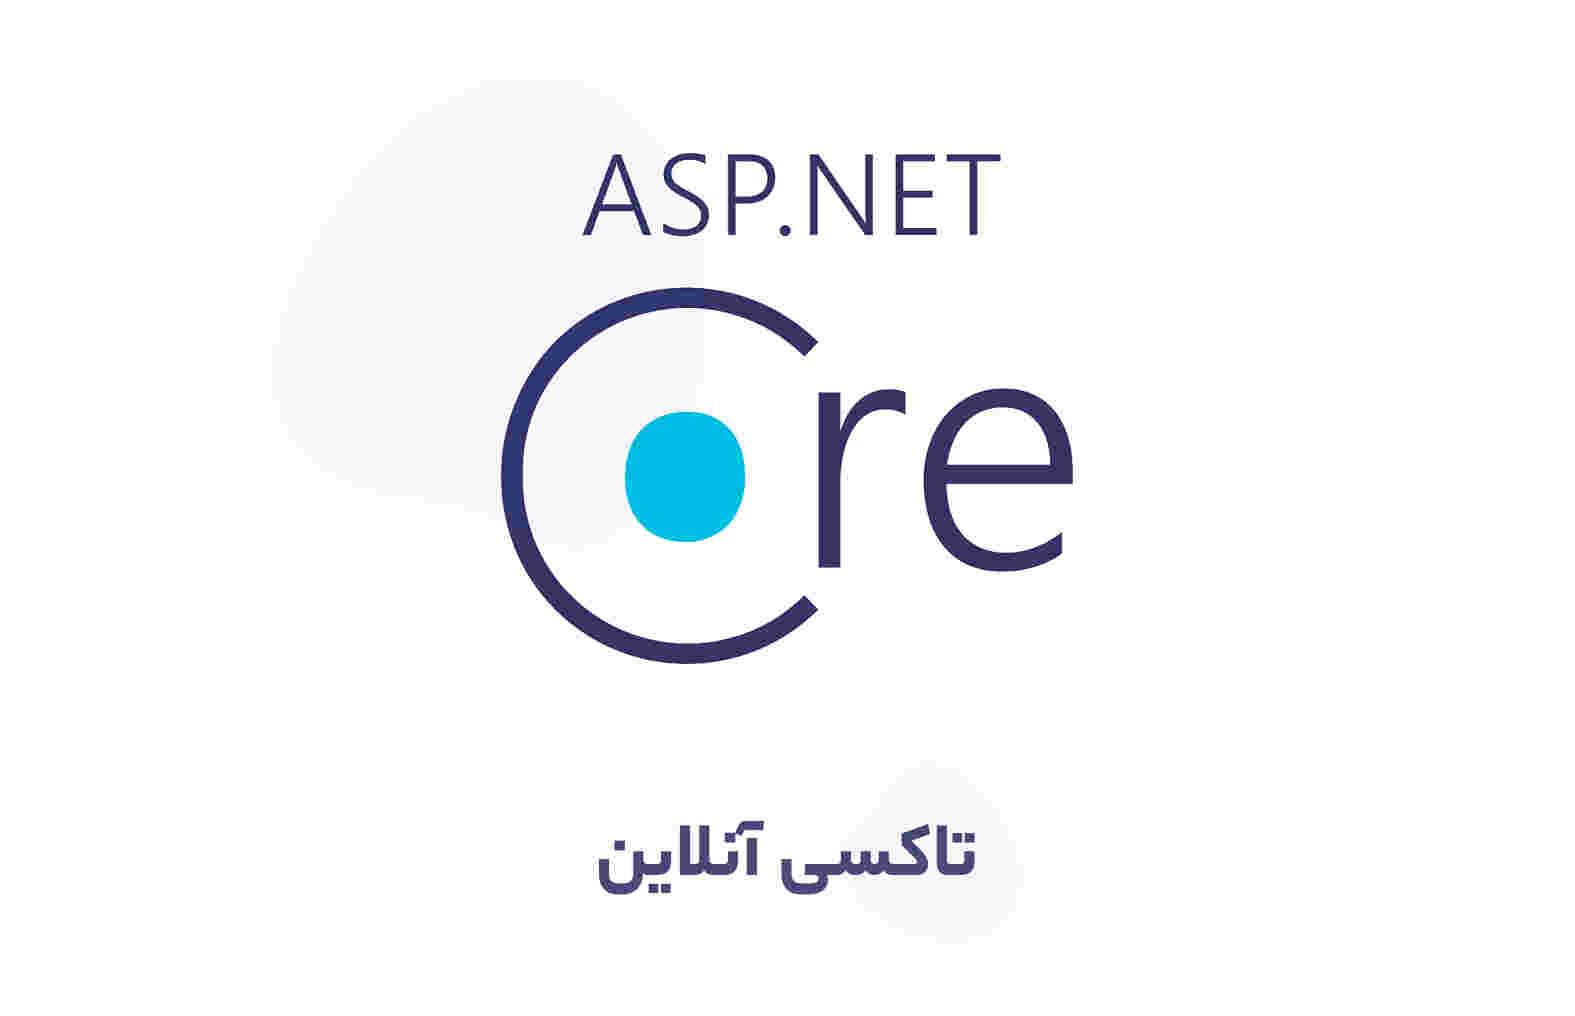 آموزش ASP.NET Core 5 در قالب پروژه بزرگ تاکسی آنلاین مشابه اسنپ